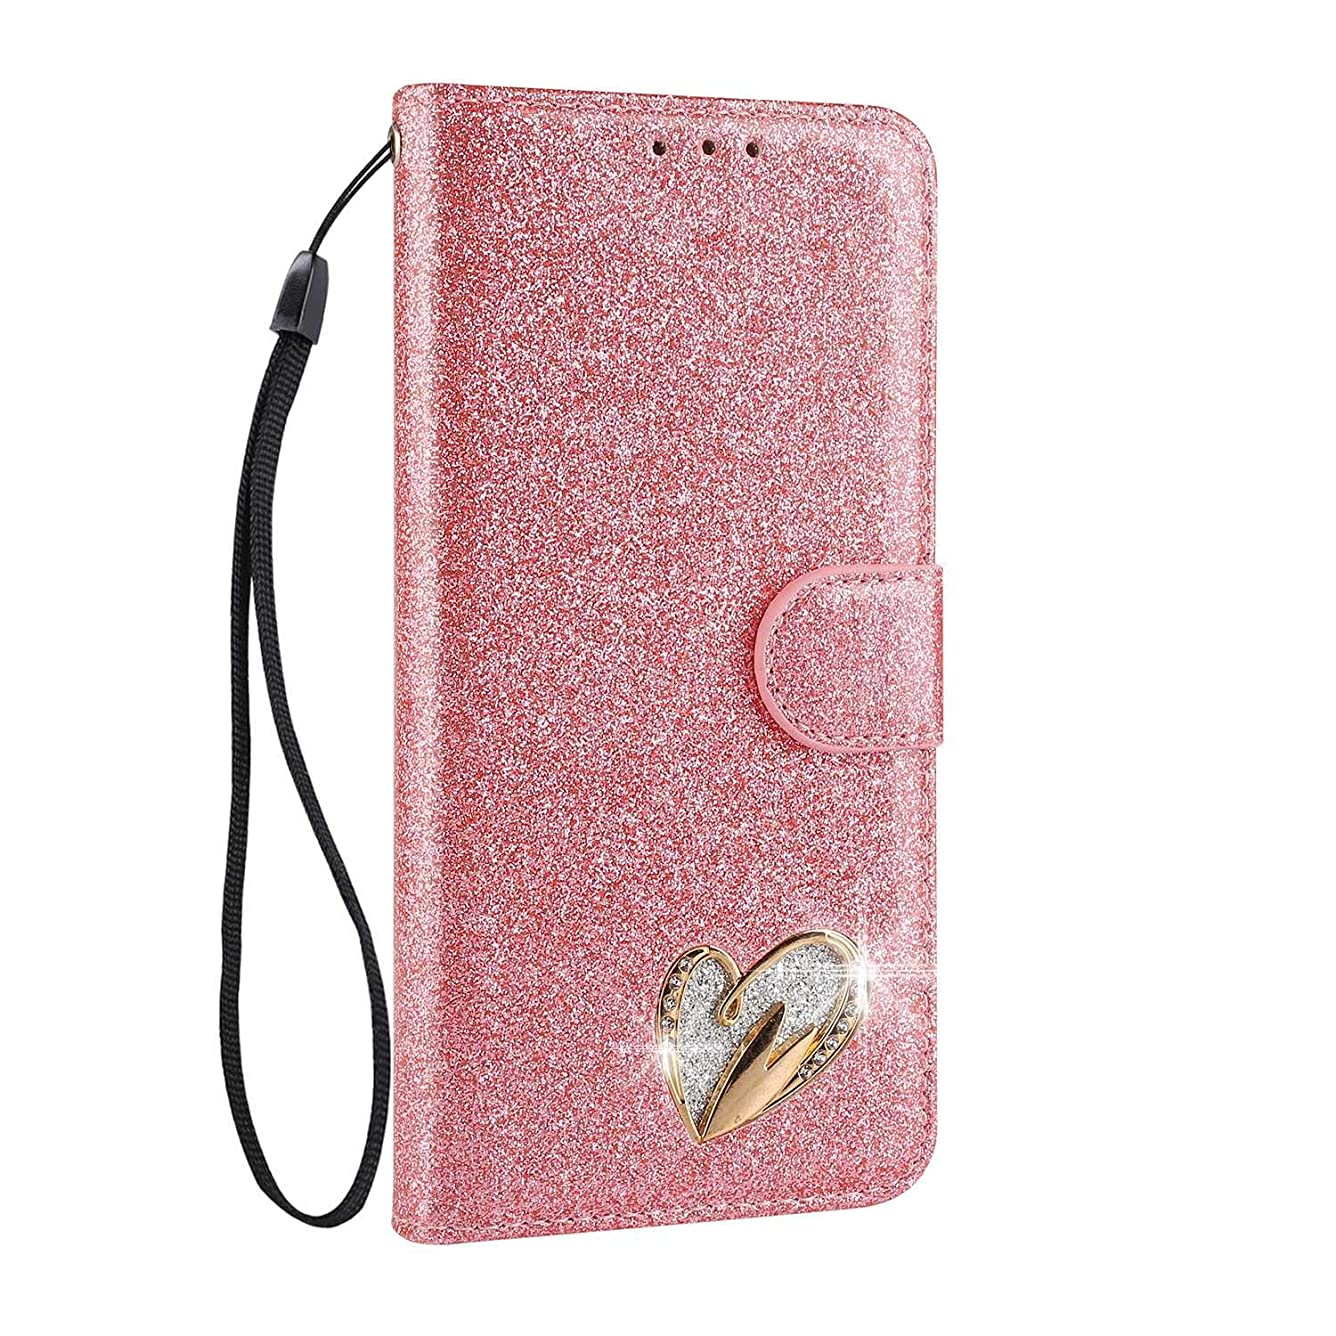 測定可能ラフ睡眠受付Galaxy S7 手帳型ケース Zeebox? 可愛い カードポケット マグネット式 保護ケース ダイヤカバー キラキラ 手帳 耐汚れ 耐摩擦 耐衝撃 ケースGalaxy S7 対応 女性向 スマートフォンケース, ピンク